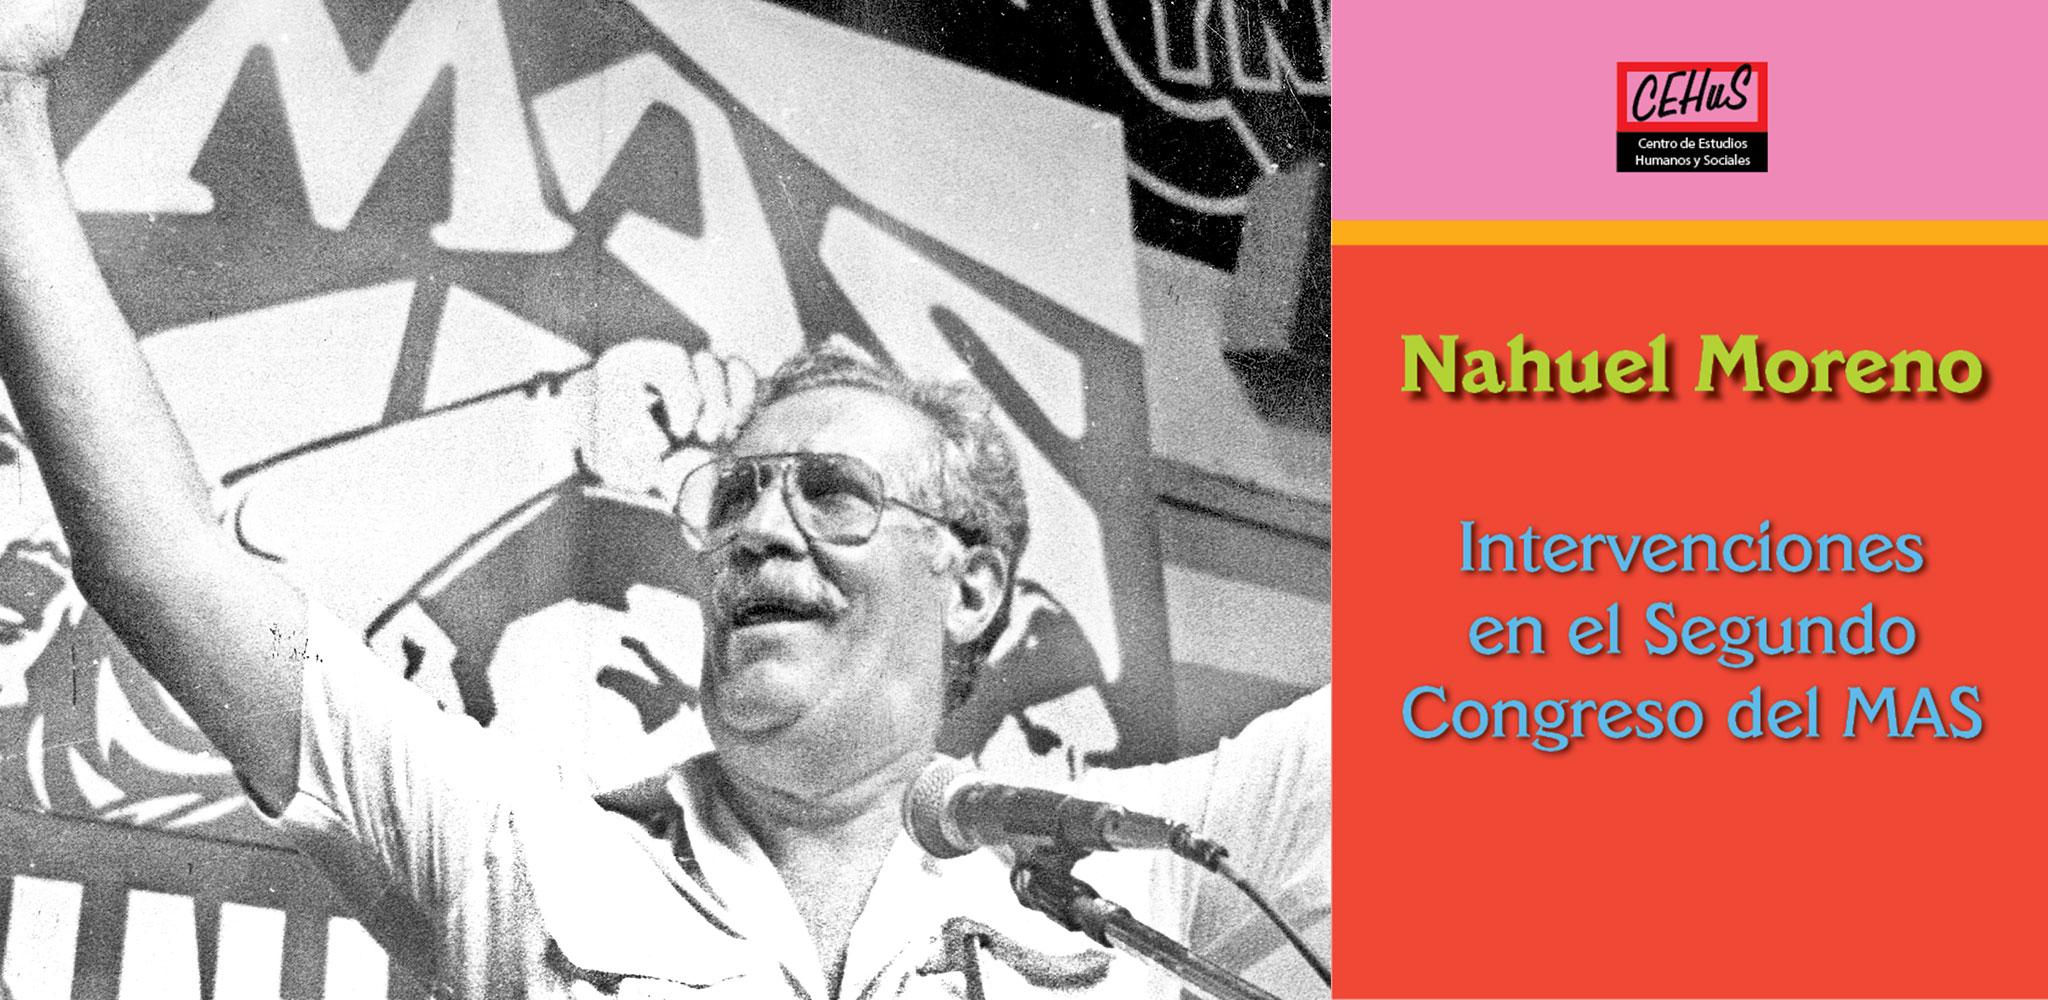 INTERVENCIONES EN EL SEGUNDO CONGRESO DEL MAS (1985)